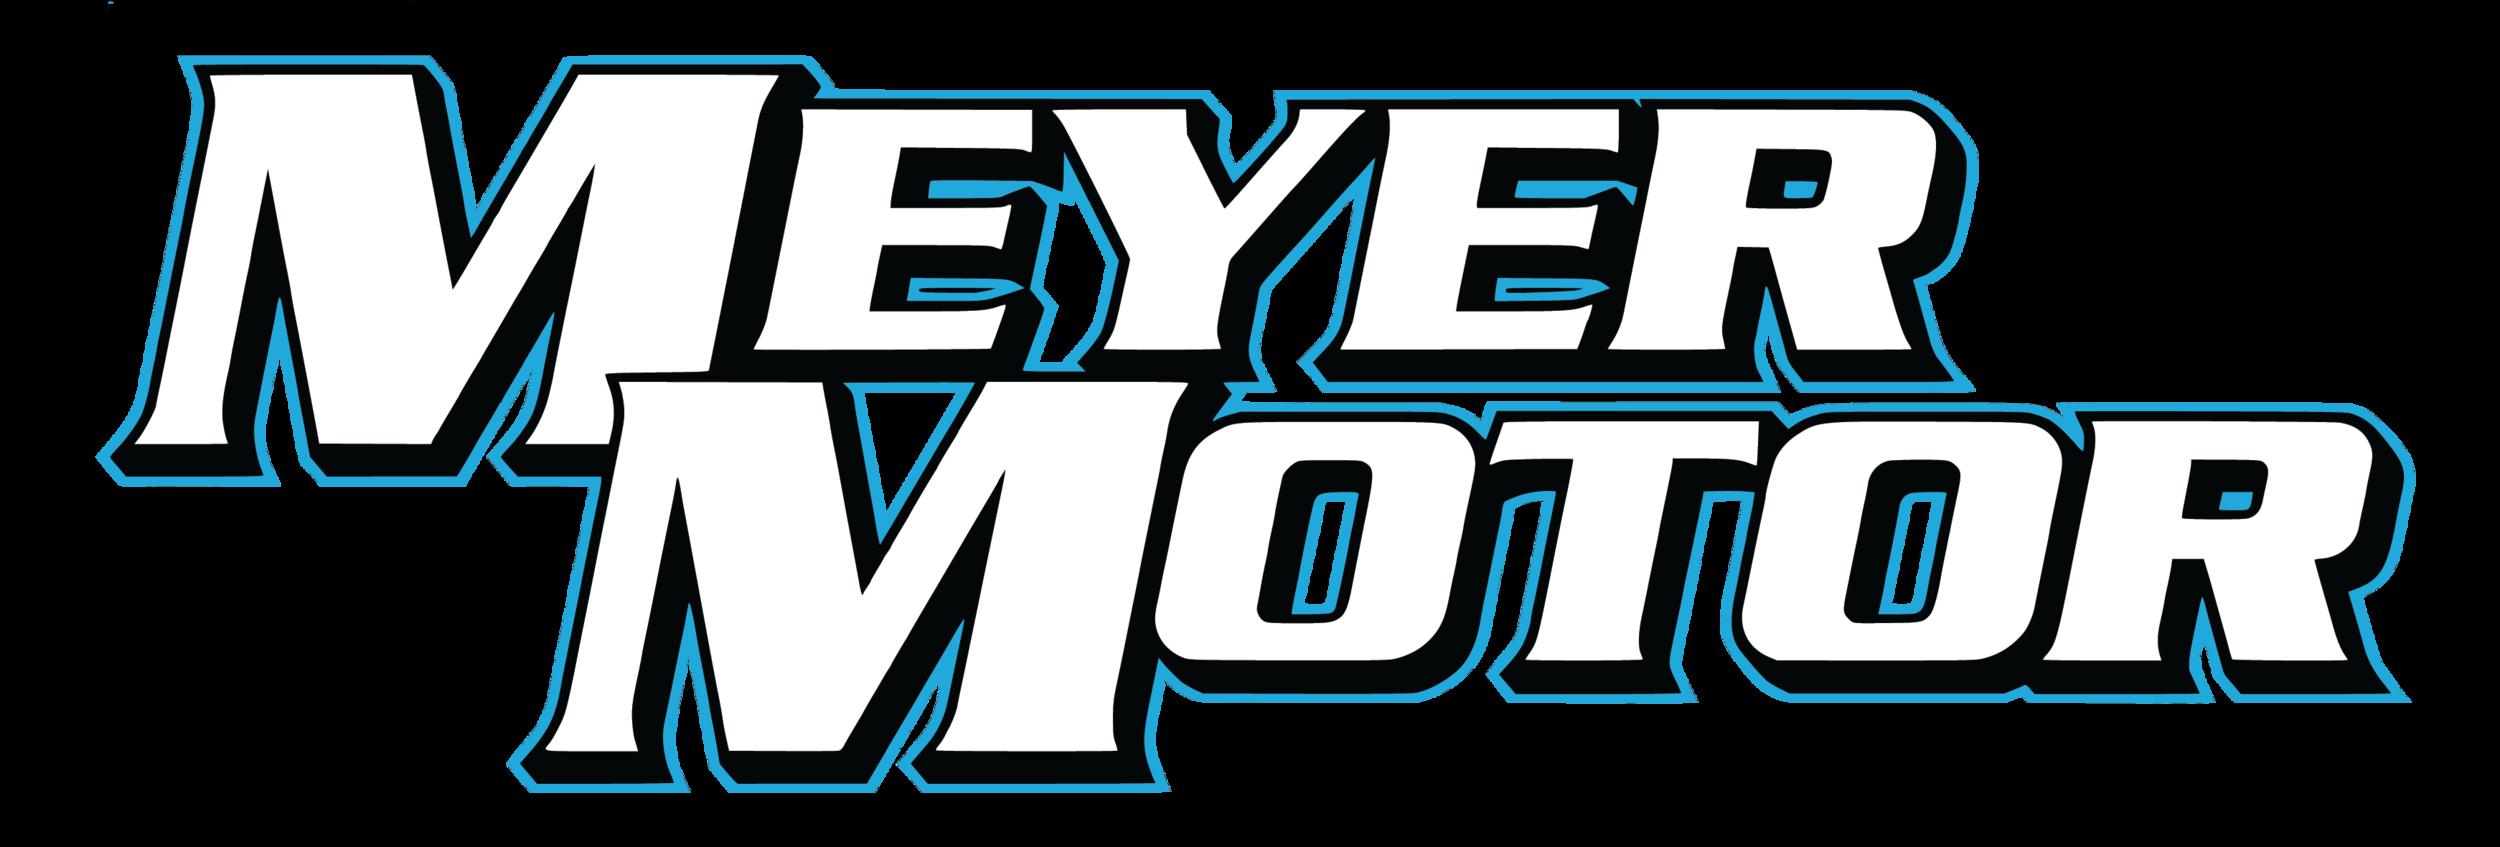 MM.Logo.ltbg-08.png